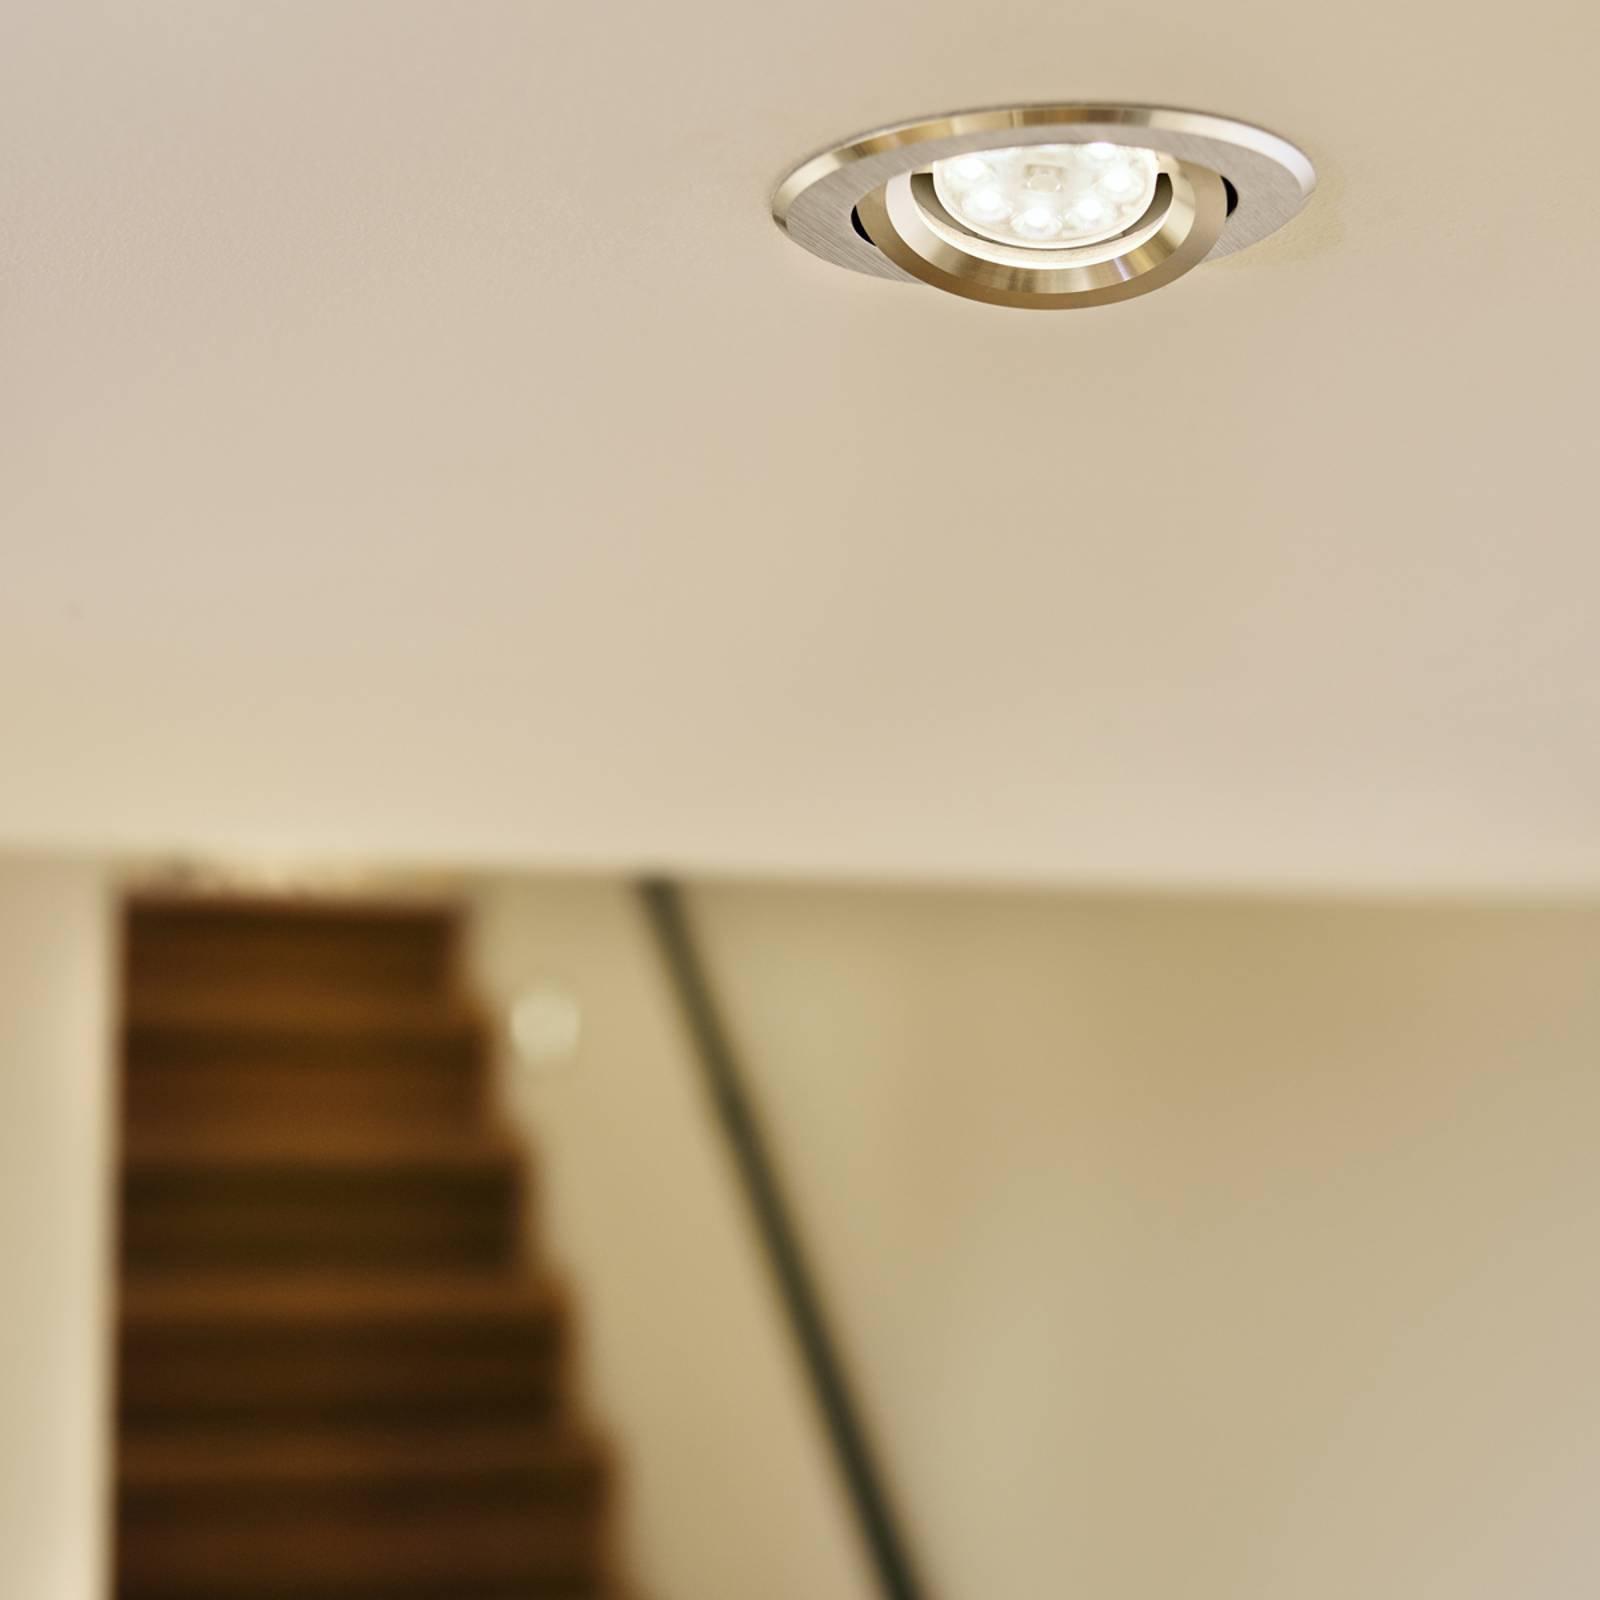 GU10 4,6 W 840 HV LED-Reflektorpære 36°